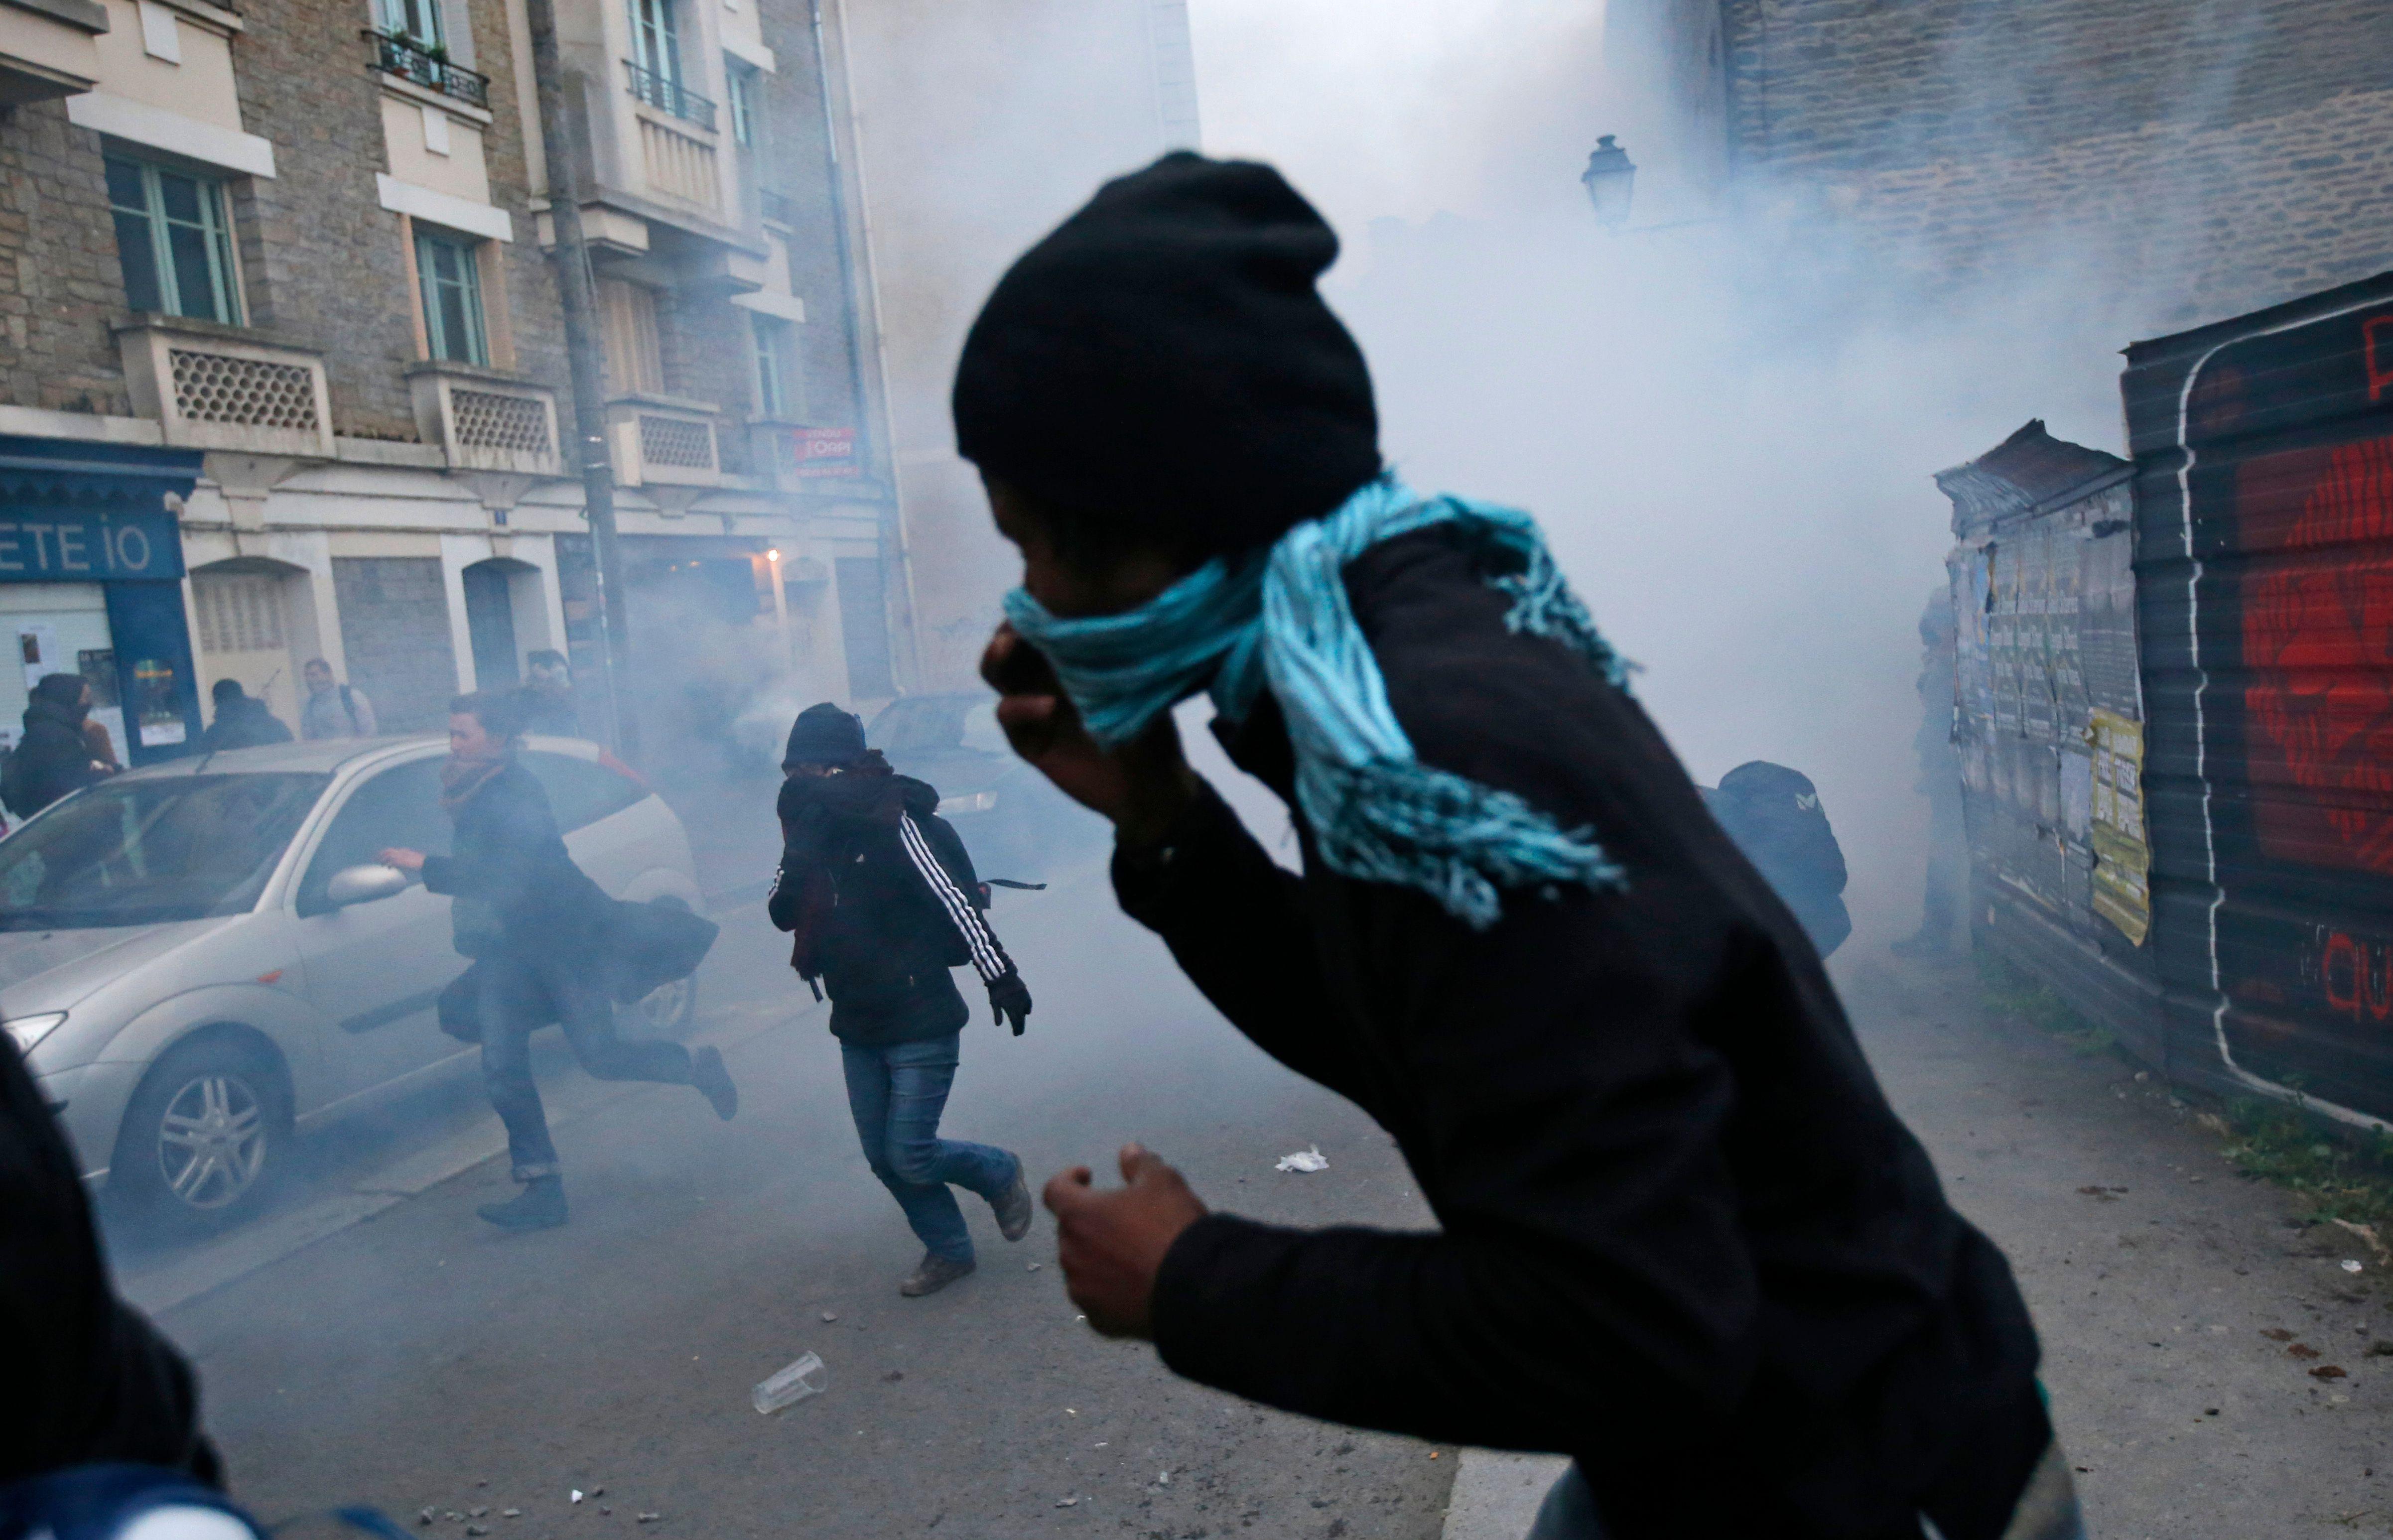 Derrière le mouvement social anti loi Travail, une stratégie pré-insurrectionnelle de l'extrême-gauche ?